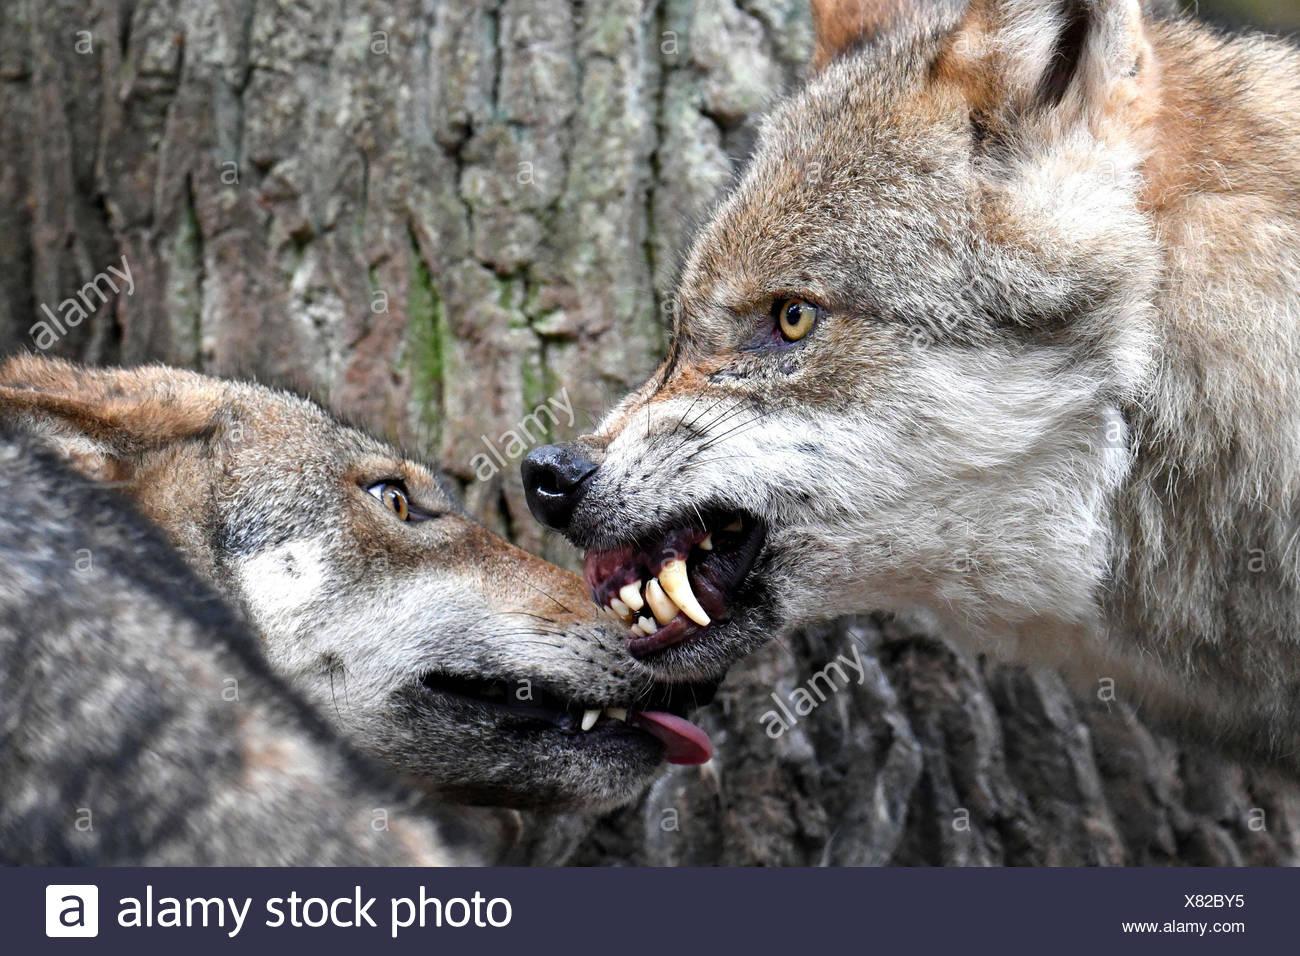 Lobos, canis lupus, gruñidos, dientes, gesto de amenaza Imagen De Stock